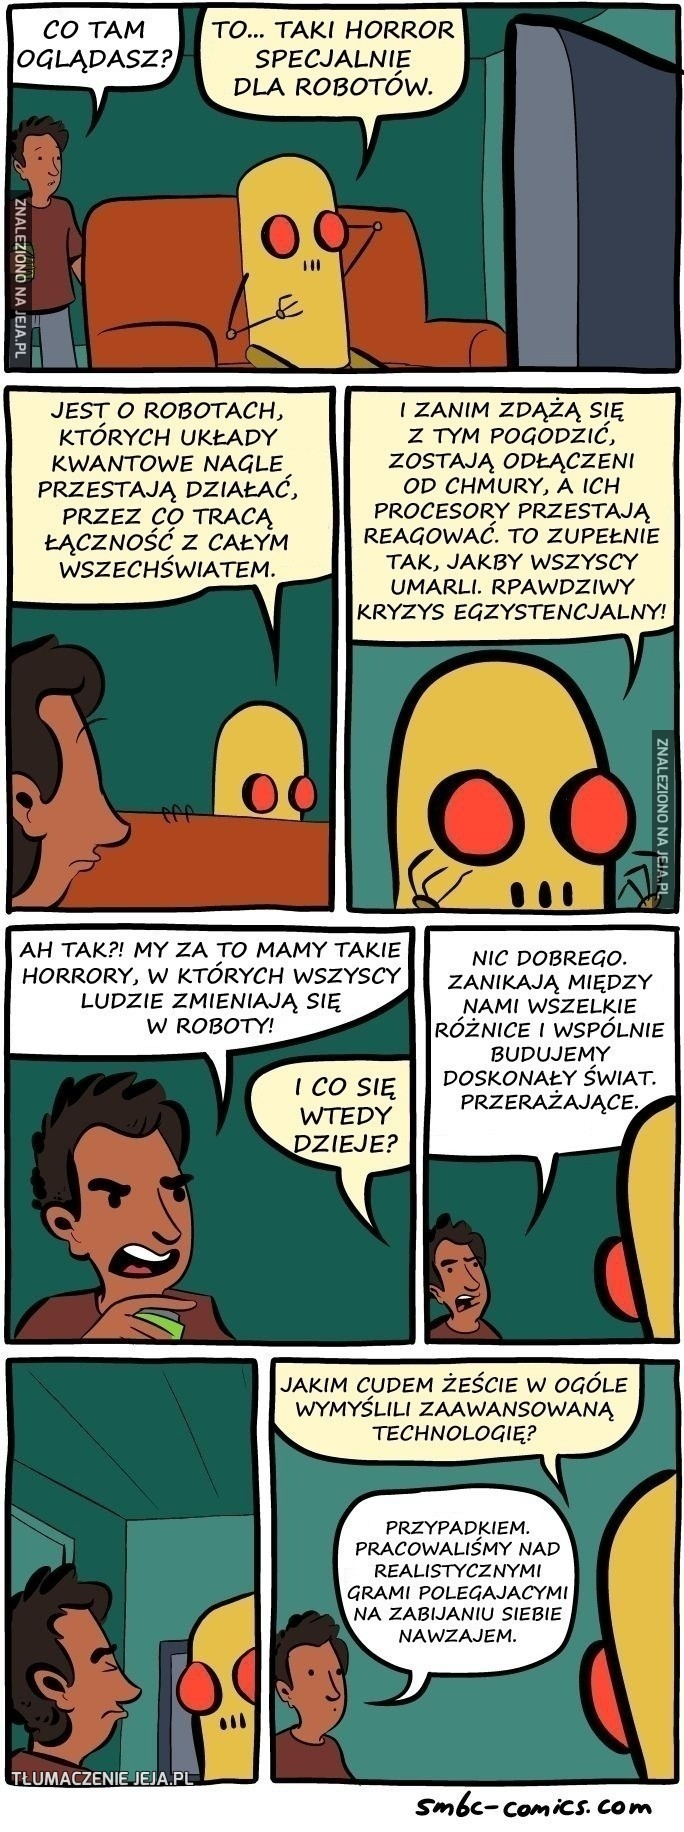 Horror dla robotów